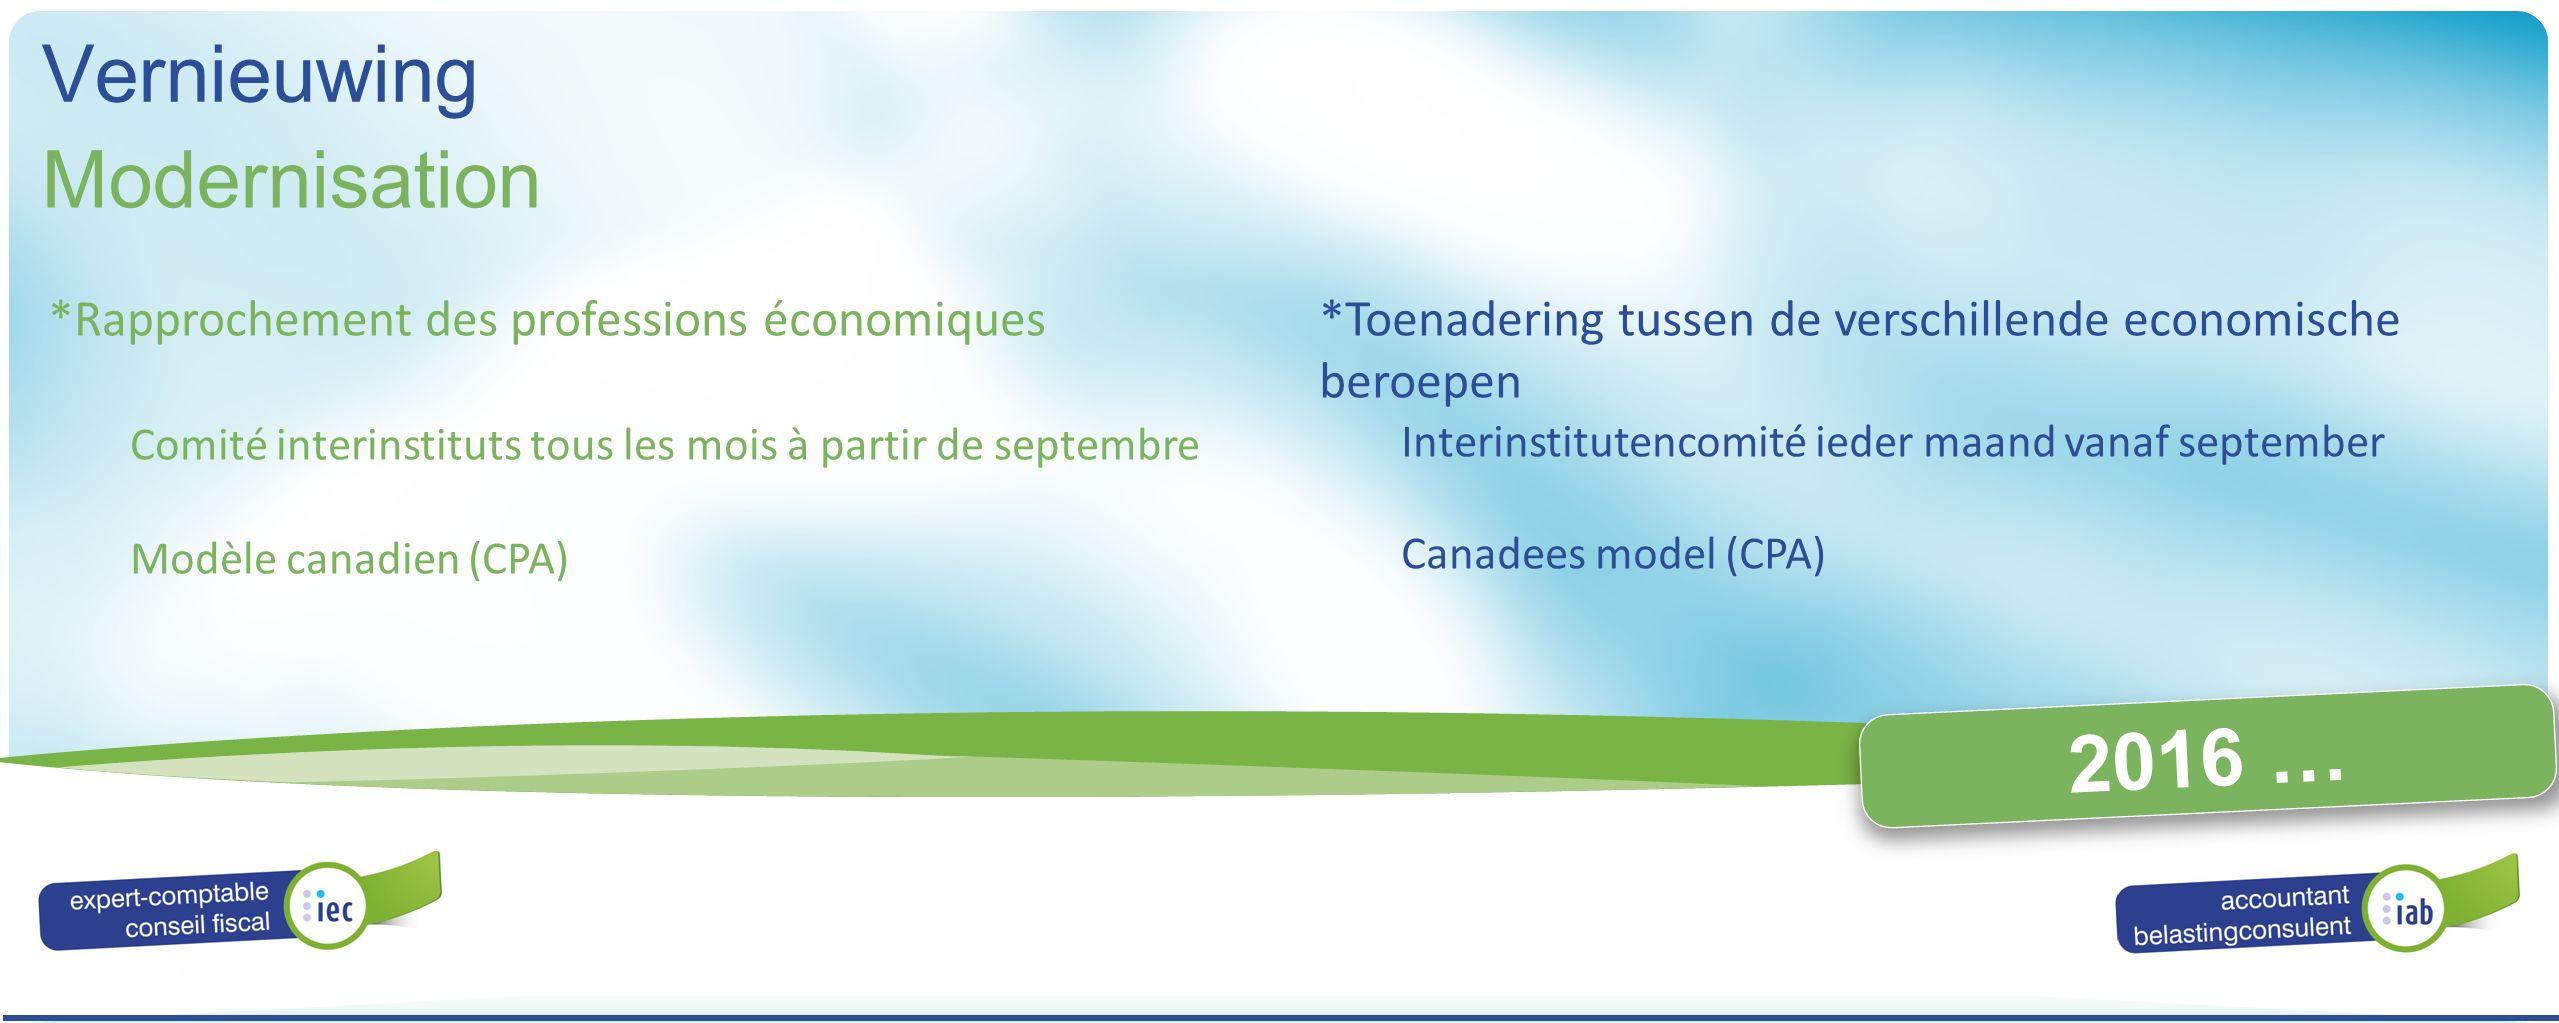 ALGEMENE VERGADERING ASSEMBLÉE GÉNÉRALE 2016 2016 … *Rapprochement des professions économiques Comité interinstituts tous les mois à partir de septemb